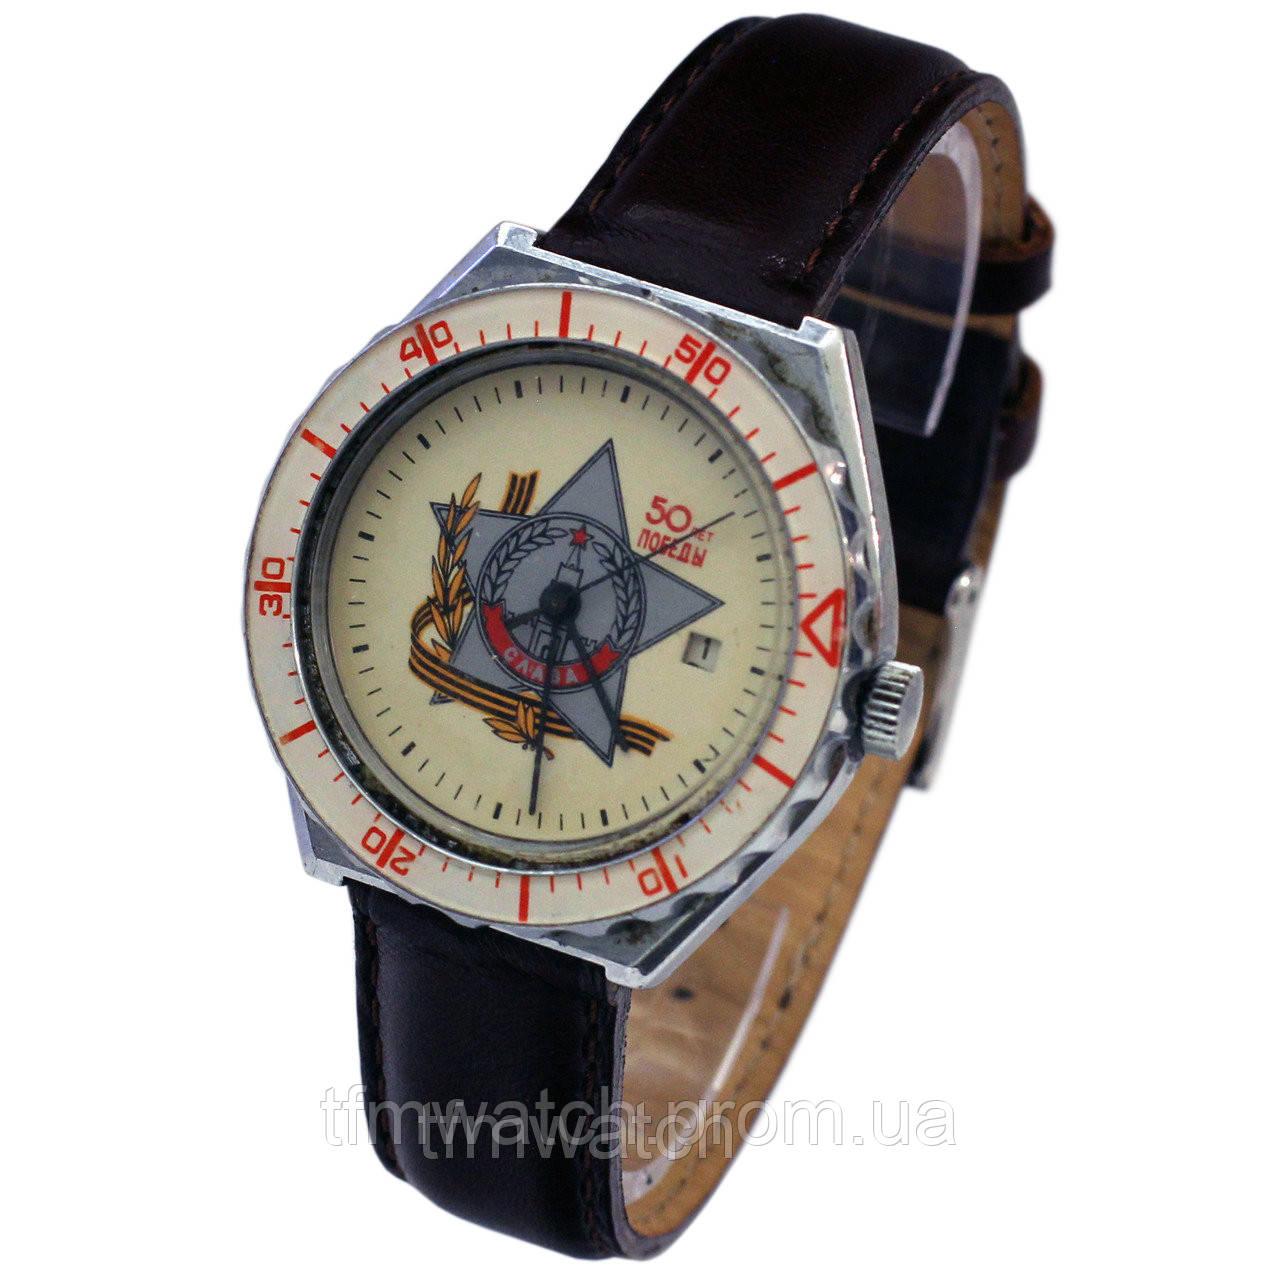 18ac9f272314 Часы Слава 50 лет Победы - Магазин старинных, винтажных и антикварных часов  TFMwatch в России